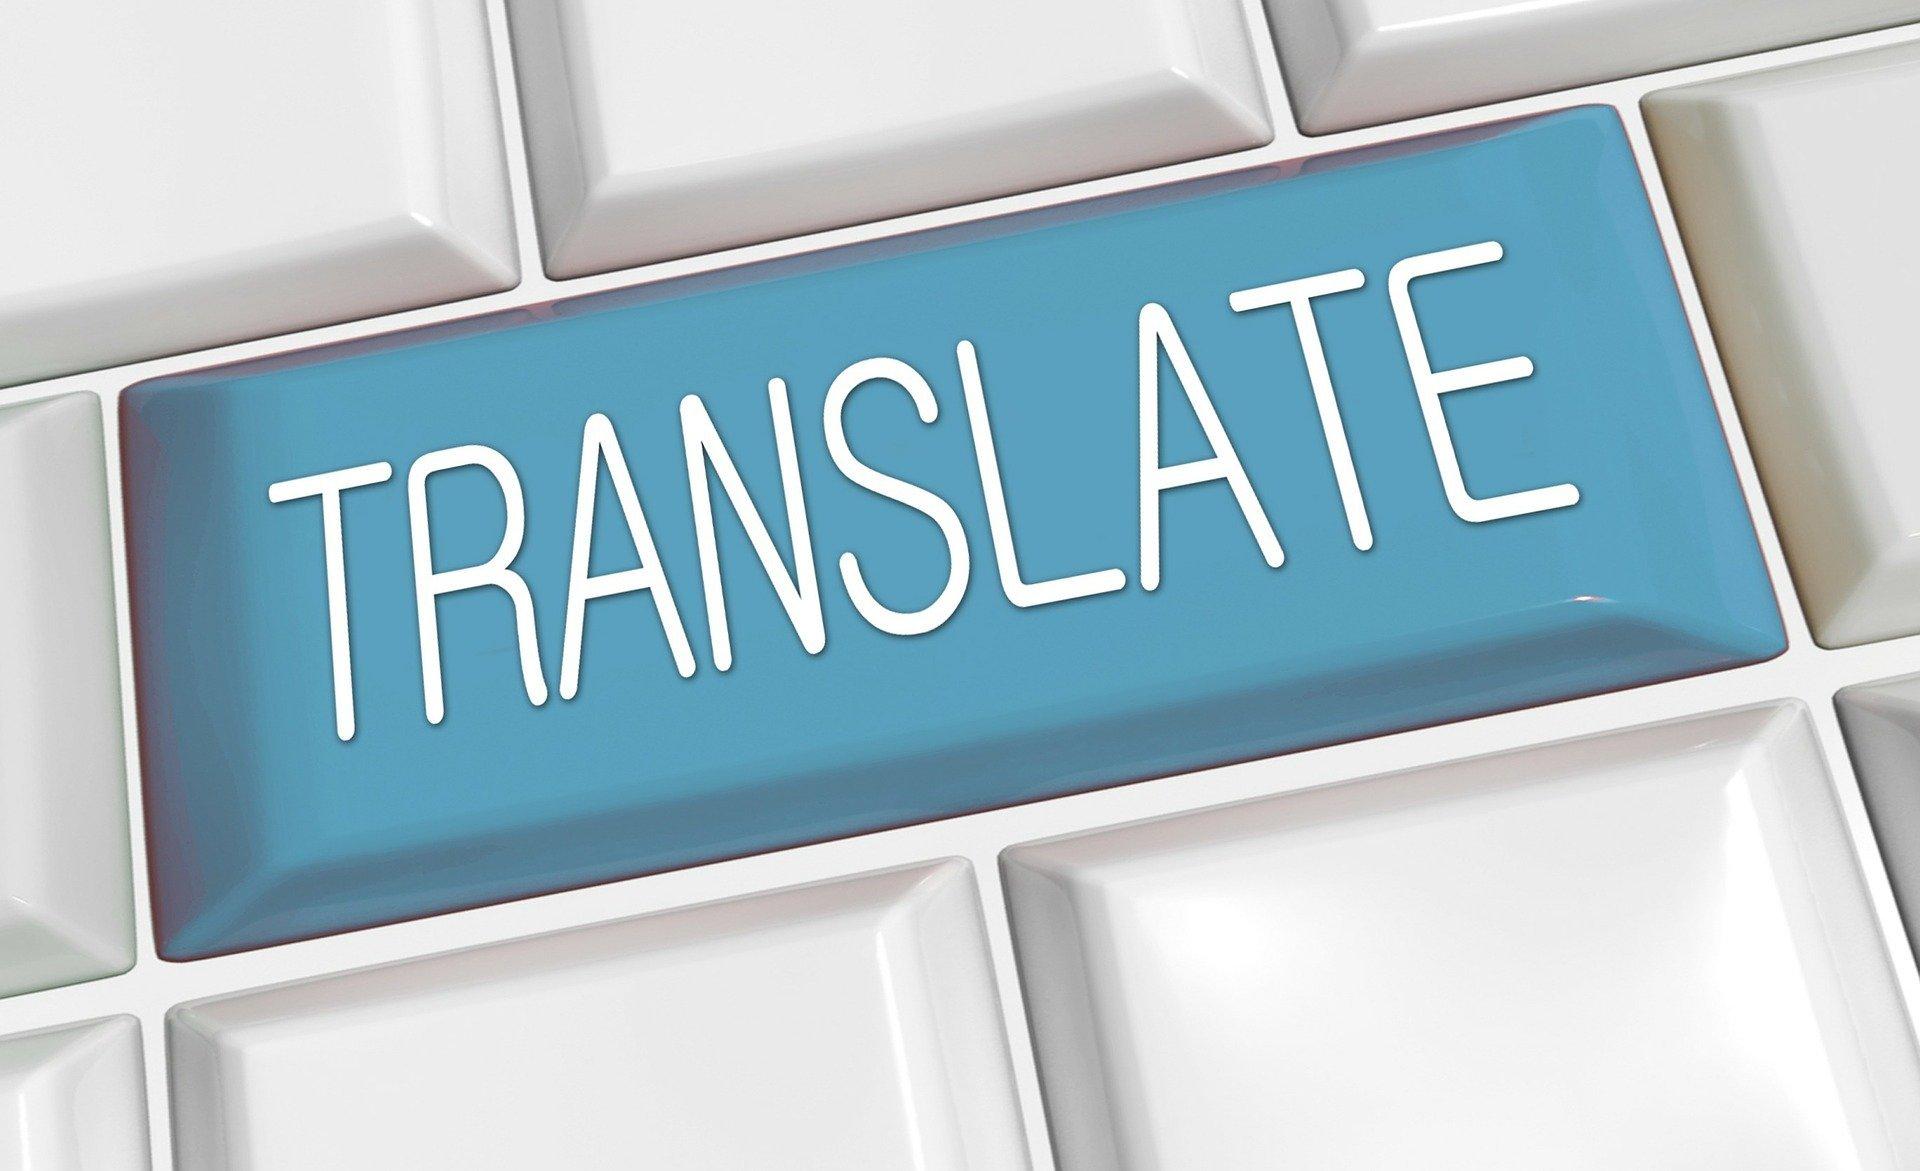 """出典:<a href=""""https://pixabay.com/ja/users/geralt-9301/?utm_source=link-attribution&amp;utm_medium=referral&amp;utm_campaign=image&amp;utm_content=110777"""">Gerd Altmann</a>による<a href=""""https://pixabay.com/ja/?utm_source=link-attribution&amp;utm_medium=referral&amp;utm_campaign=image&amp;utm_content=110777"""">Pixabay</a>からの画像"""